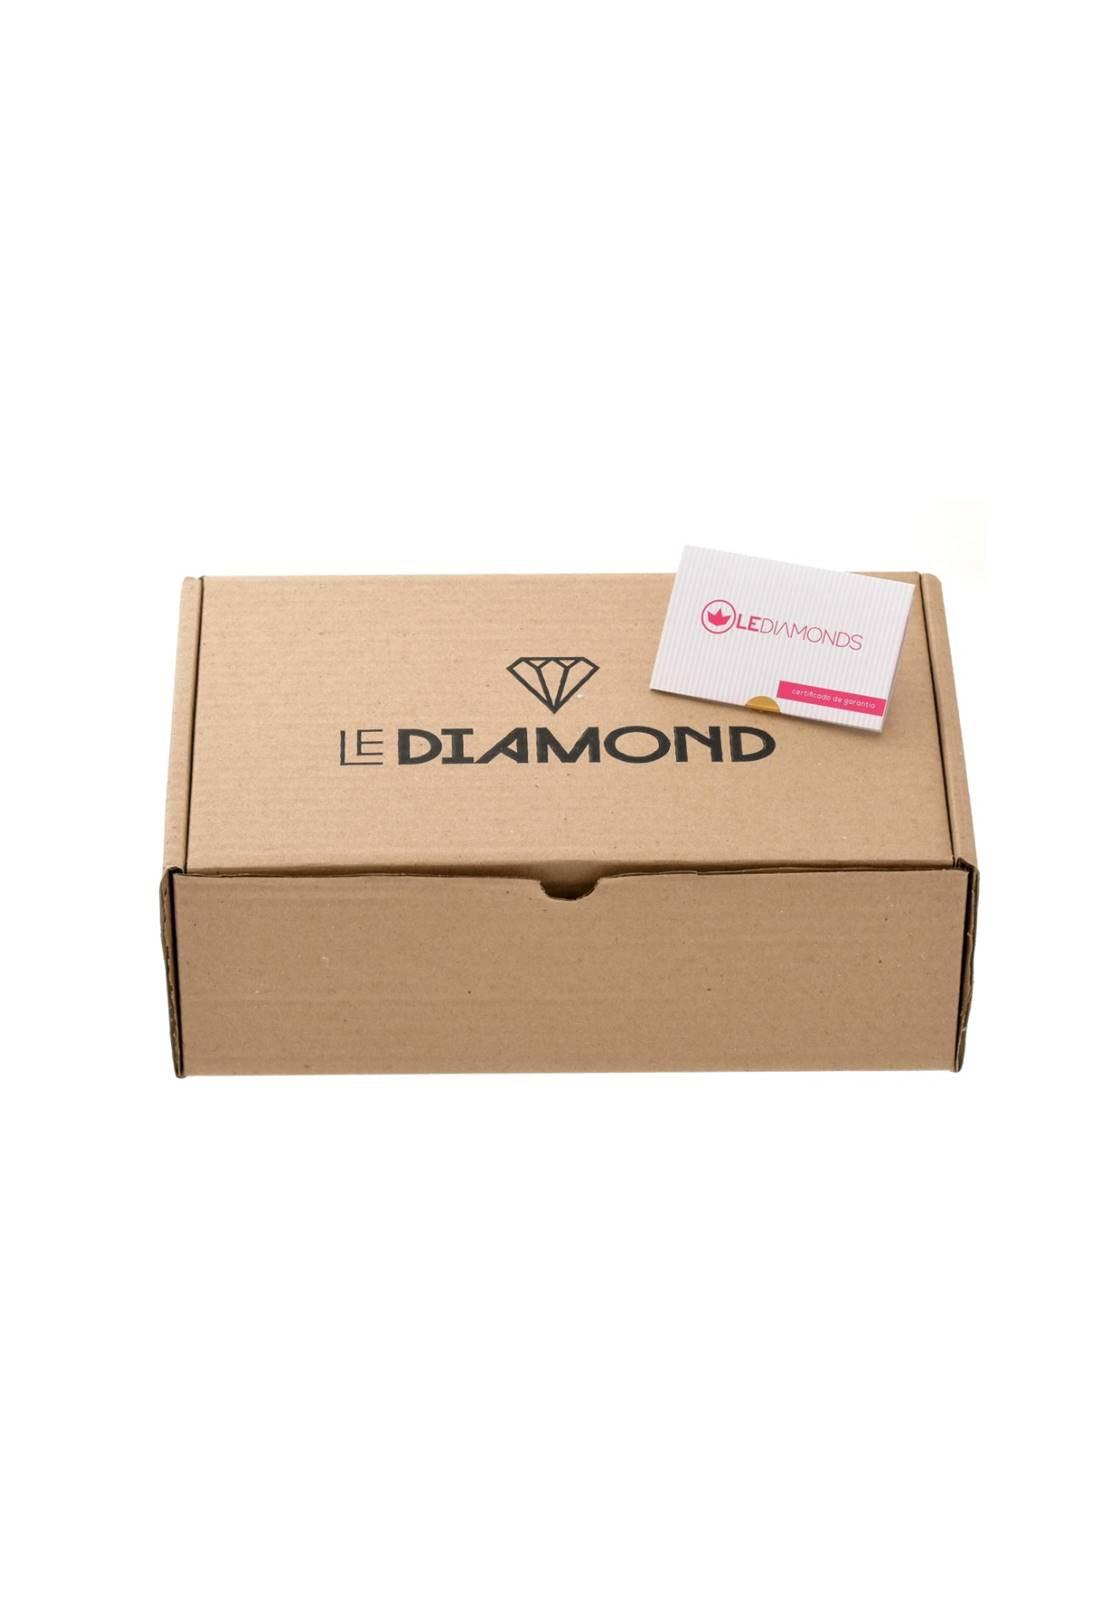 Brinco Le Diamond Meio Aro com Zircônias Prata